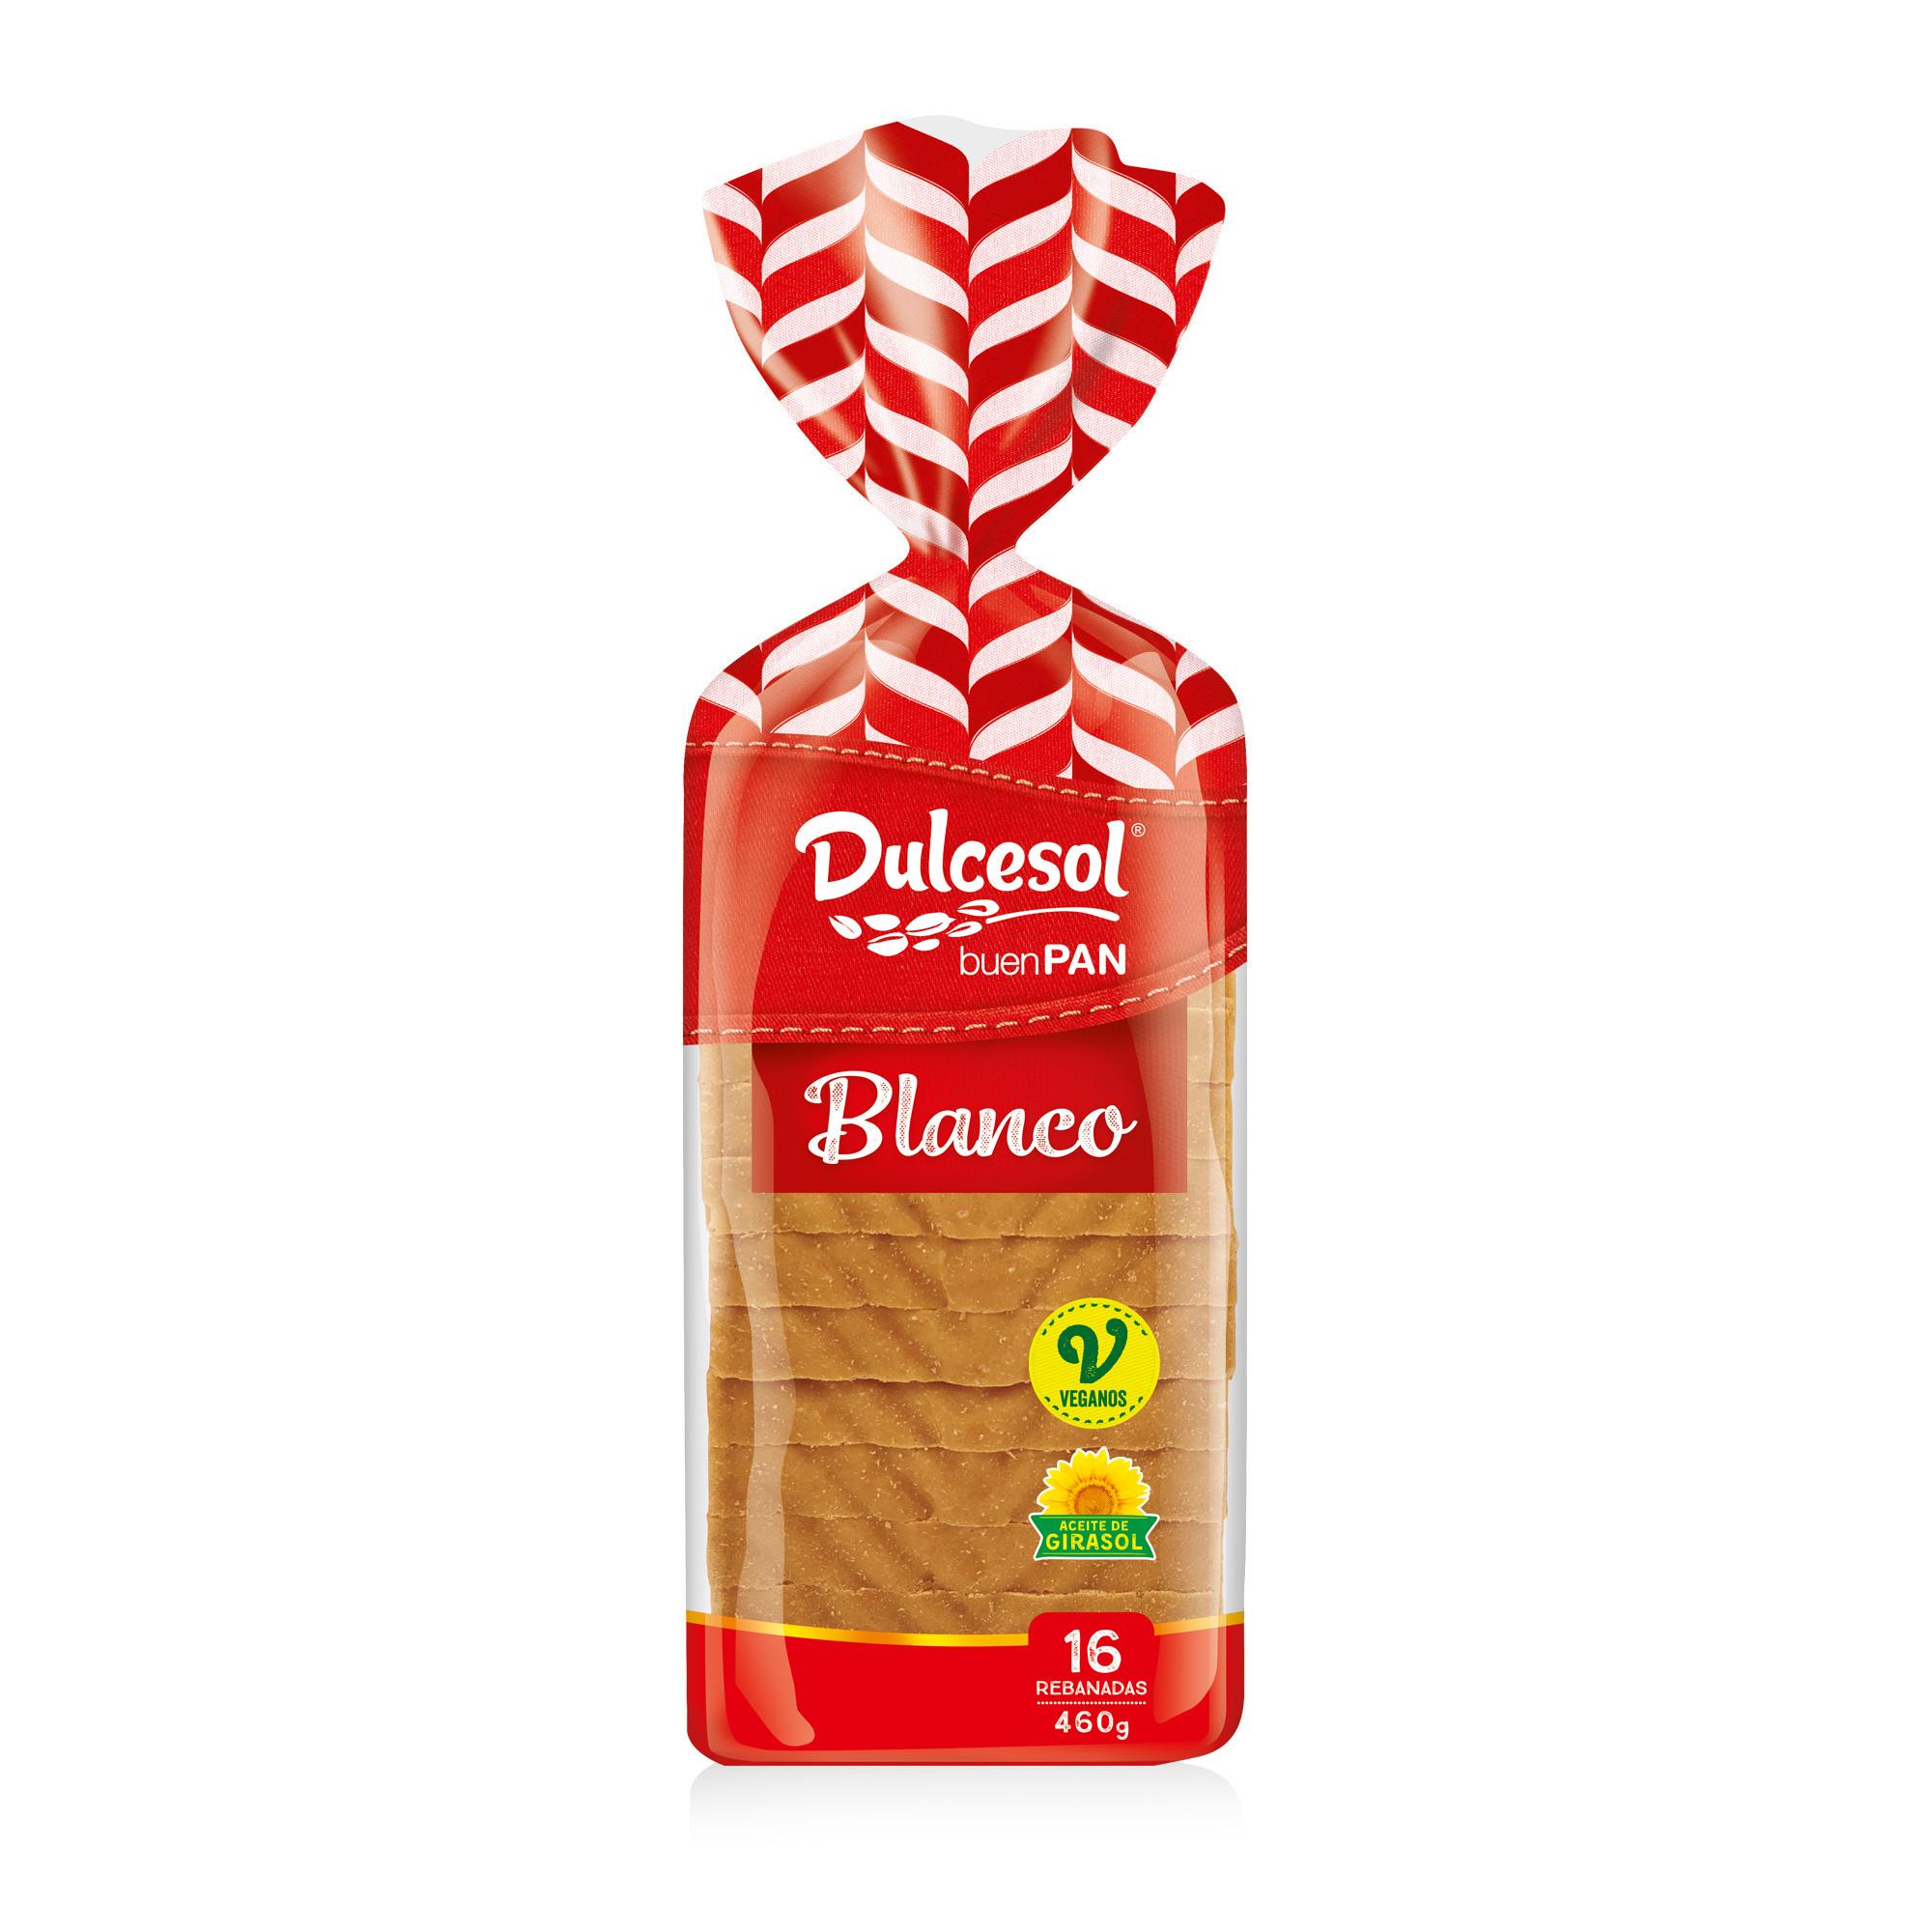 460g de pão